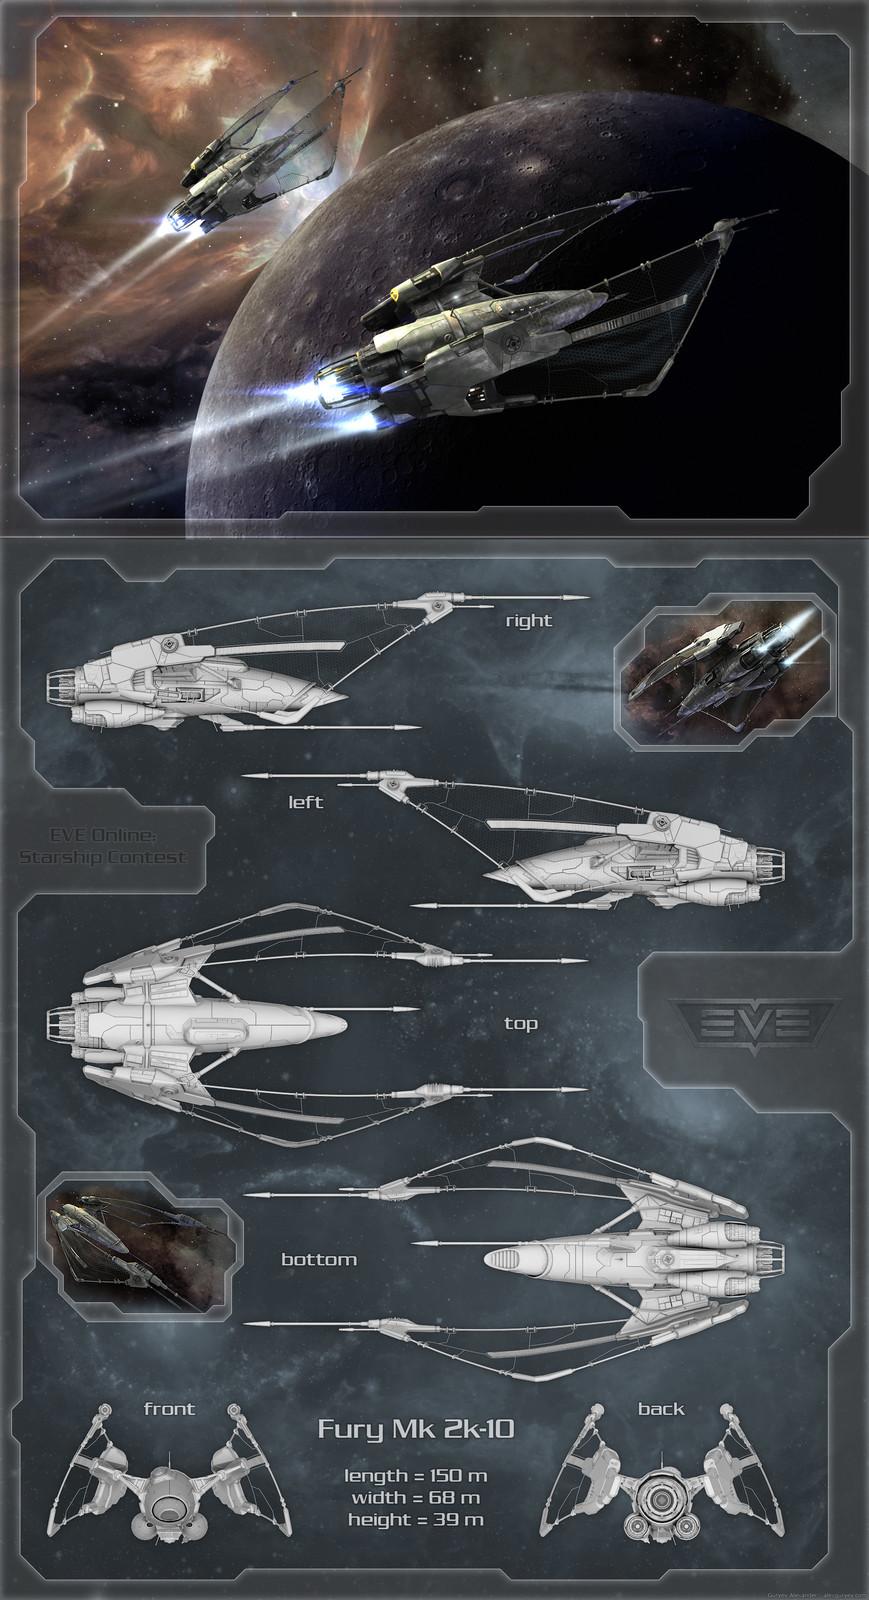 Fury Mk 2k10